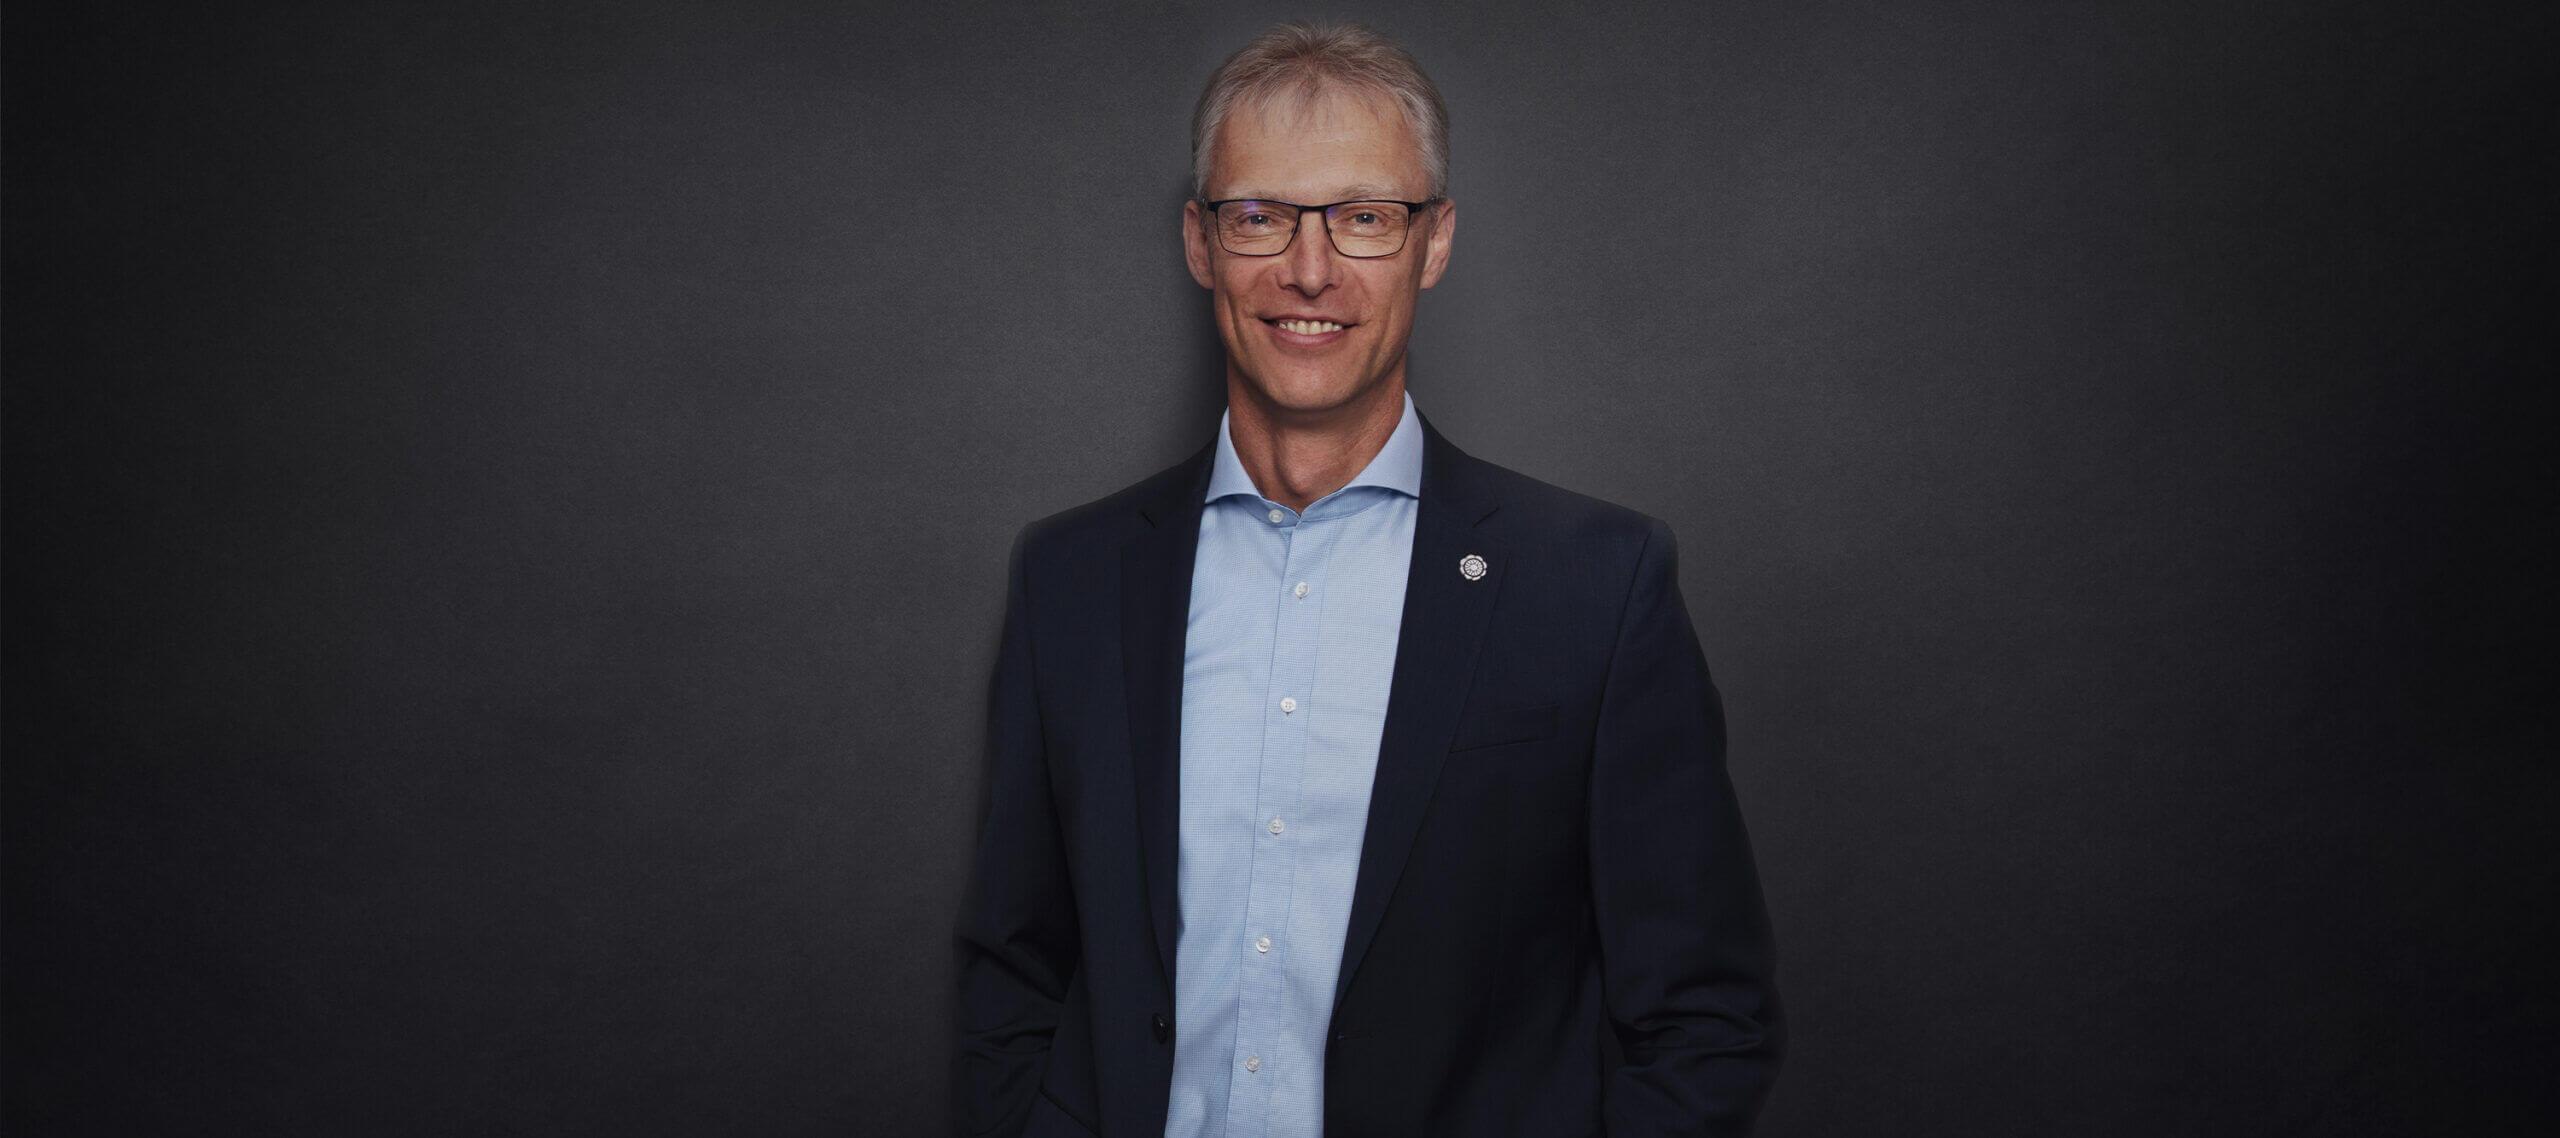 Roland Wilferth - Wirtschaftsprüfer, Steuerberater, Fachberater für internationales Steuerrecht, Vorstand